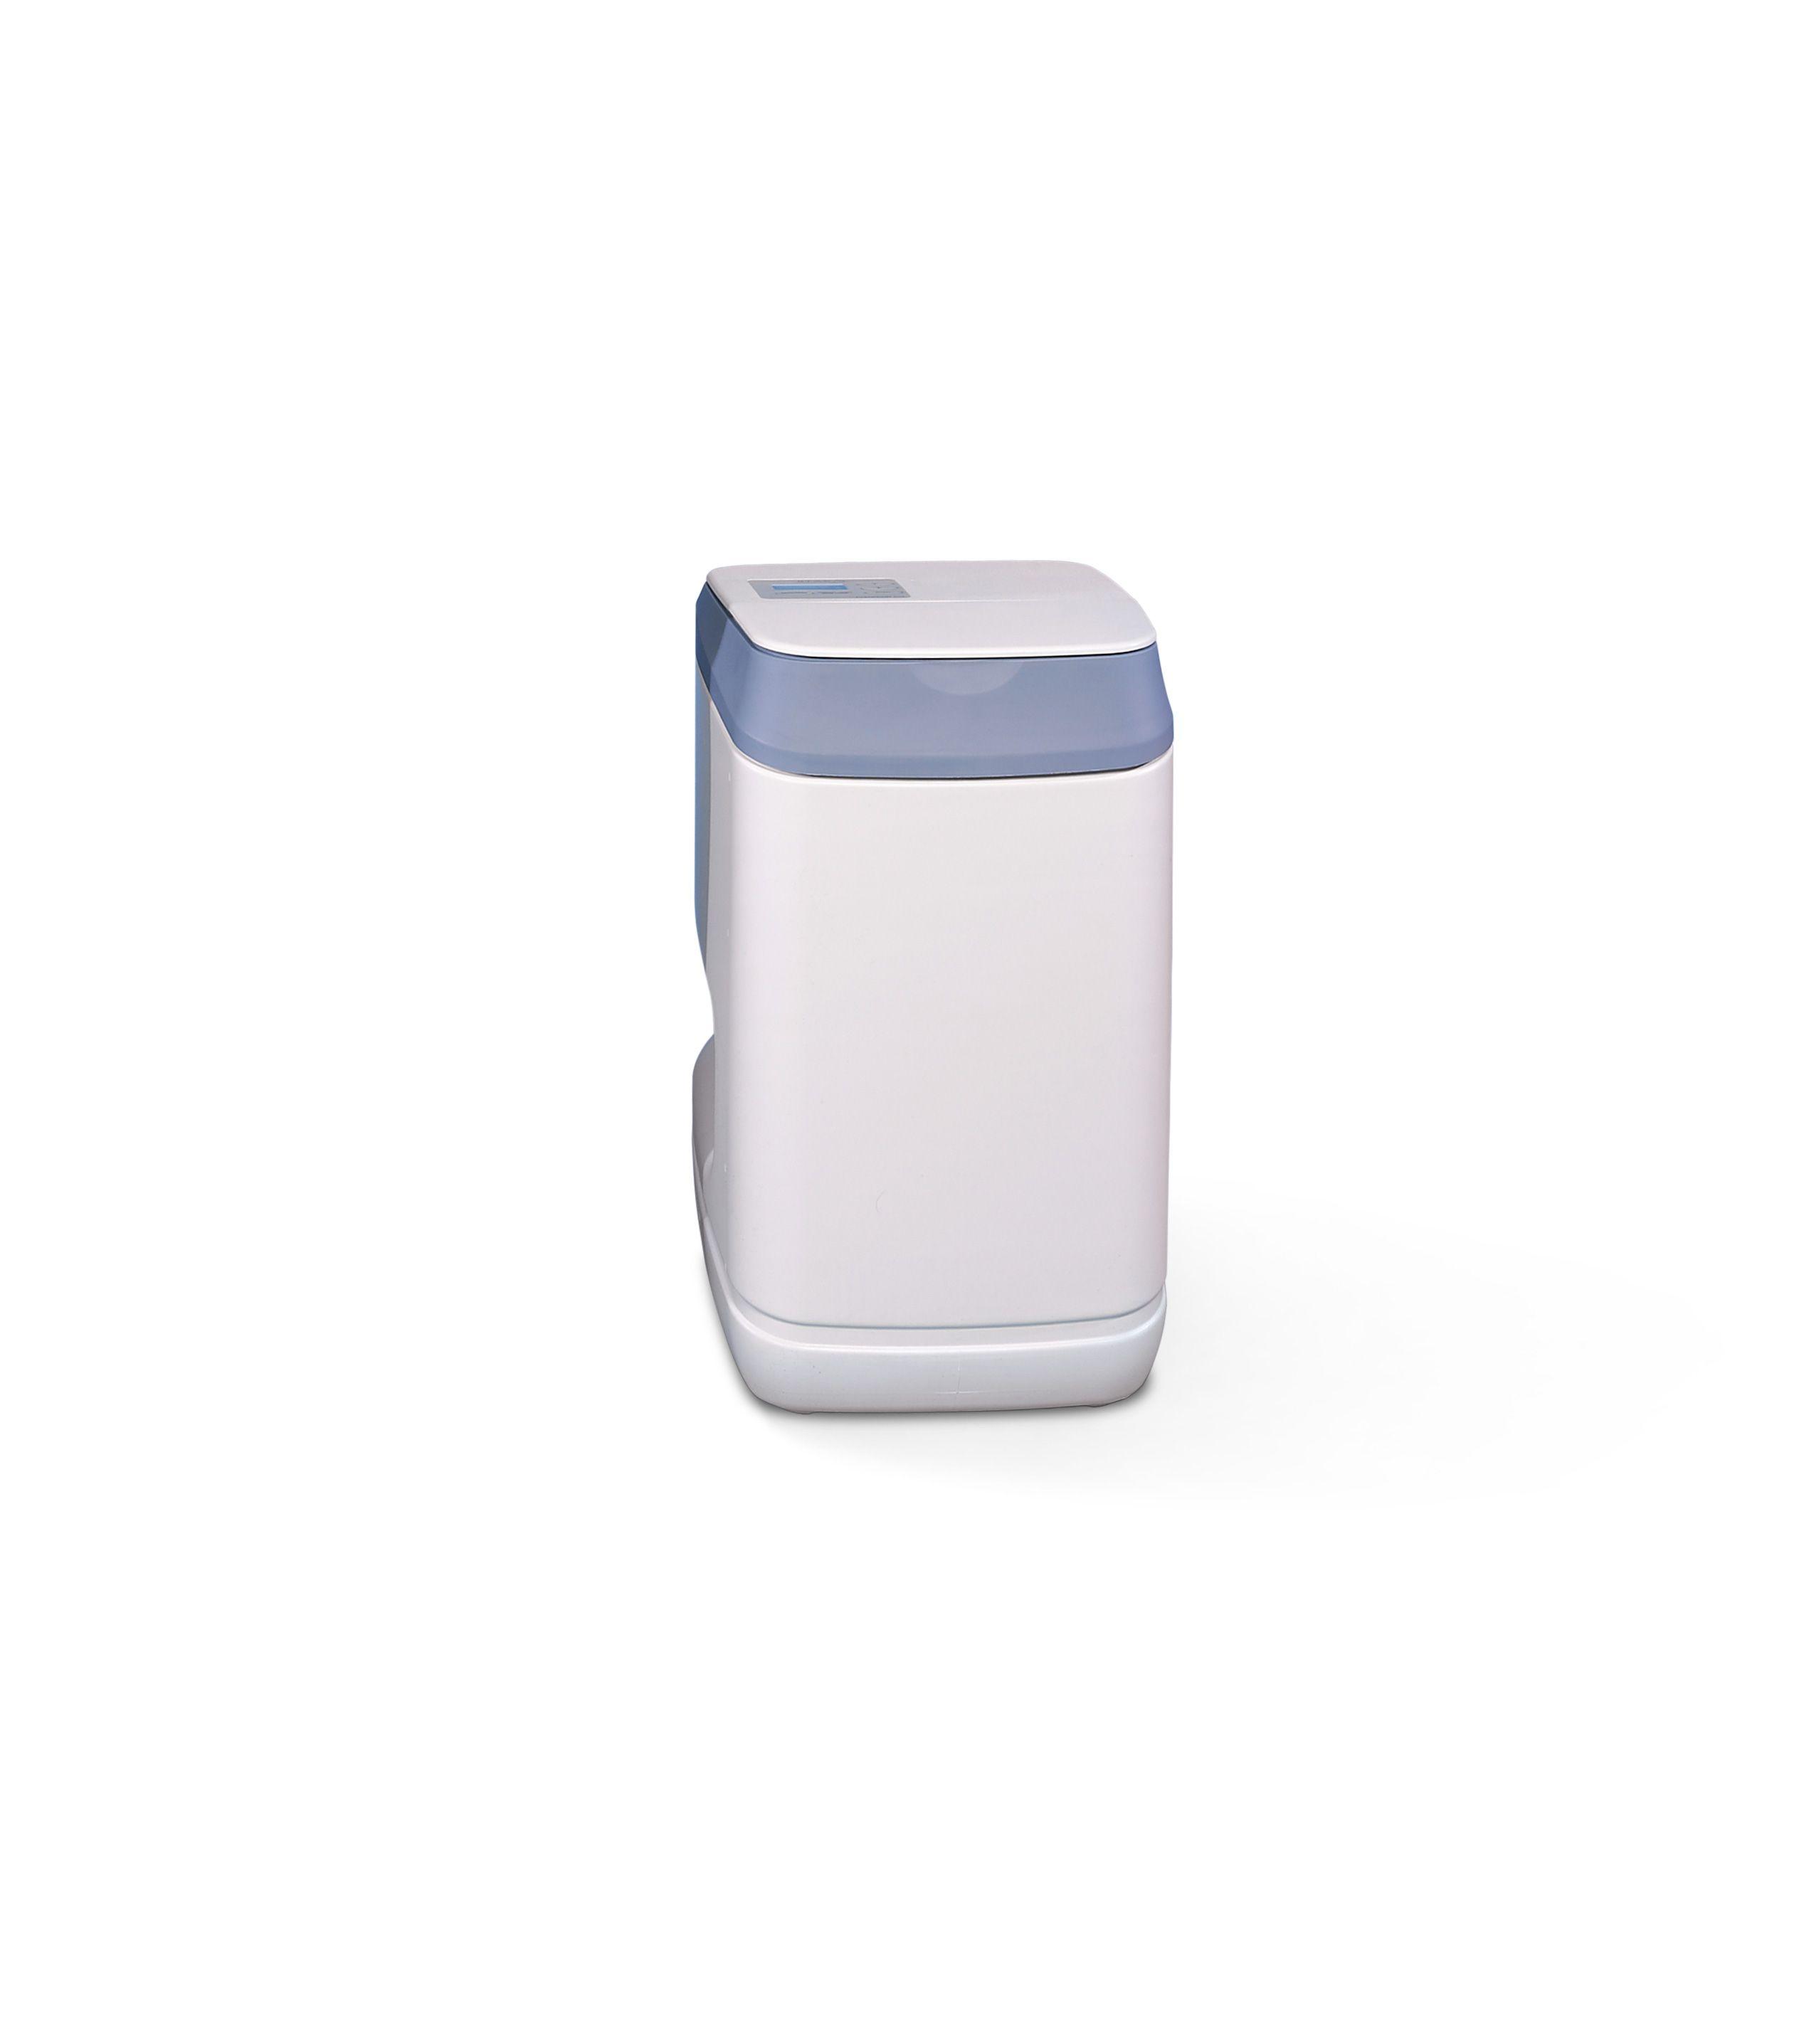 PRIMESOFT COMPACT 9 - ADDOLCITORE D'ACQUA  Gli addolcitori sono apparecchi in grado di abbattere la durezza dell'acqua, riducendo il contenuto di Magnesio e Calcio che incrostano tubazioni, caldaie ed elettrodomestici. PrimeSoft COMPACT 9 per il gradevole aspetto e le dimensioni ridotte è adatto all'installazione sotto lavello o altri spazi limitati.